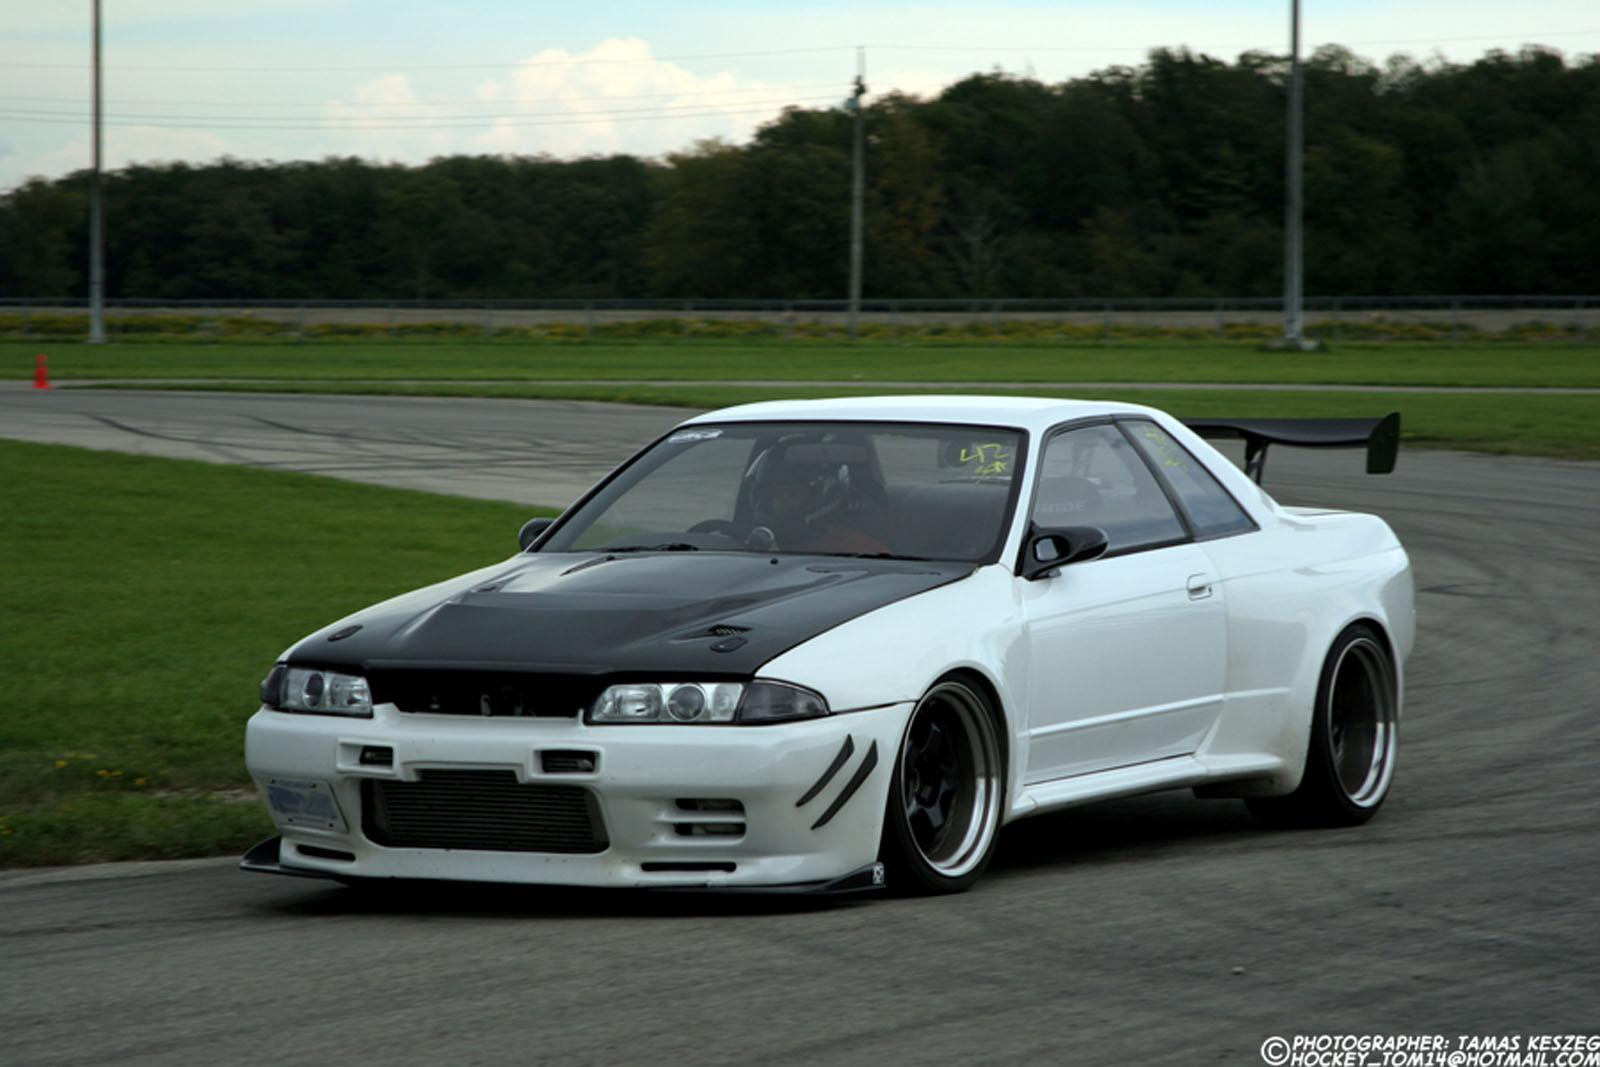 Skylines For Sale In Usa >> Jdm Nissan Skyline Gt R R32 For Sale Gtr Bnr32 1991 | Autos Weblog